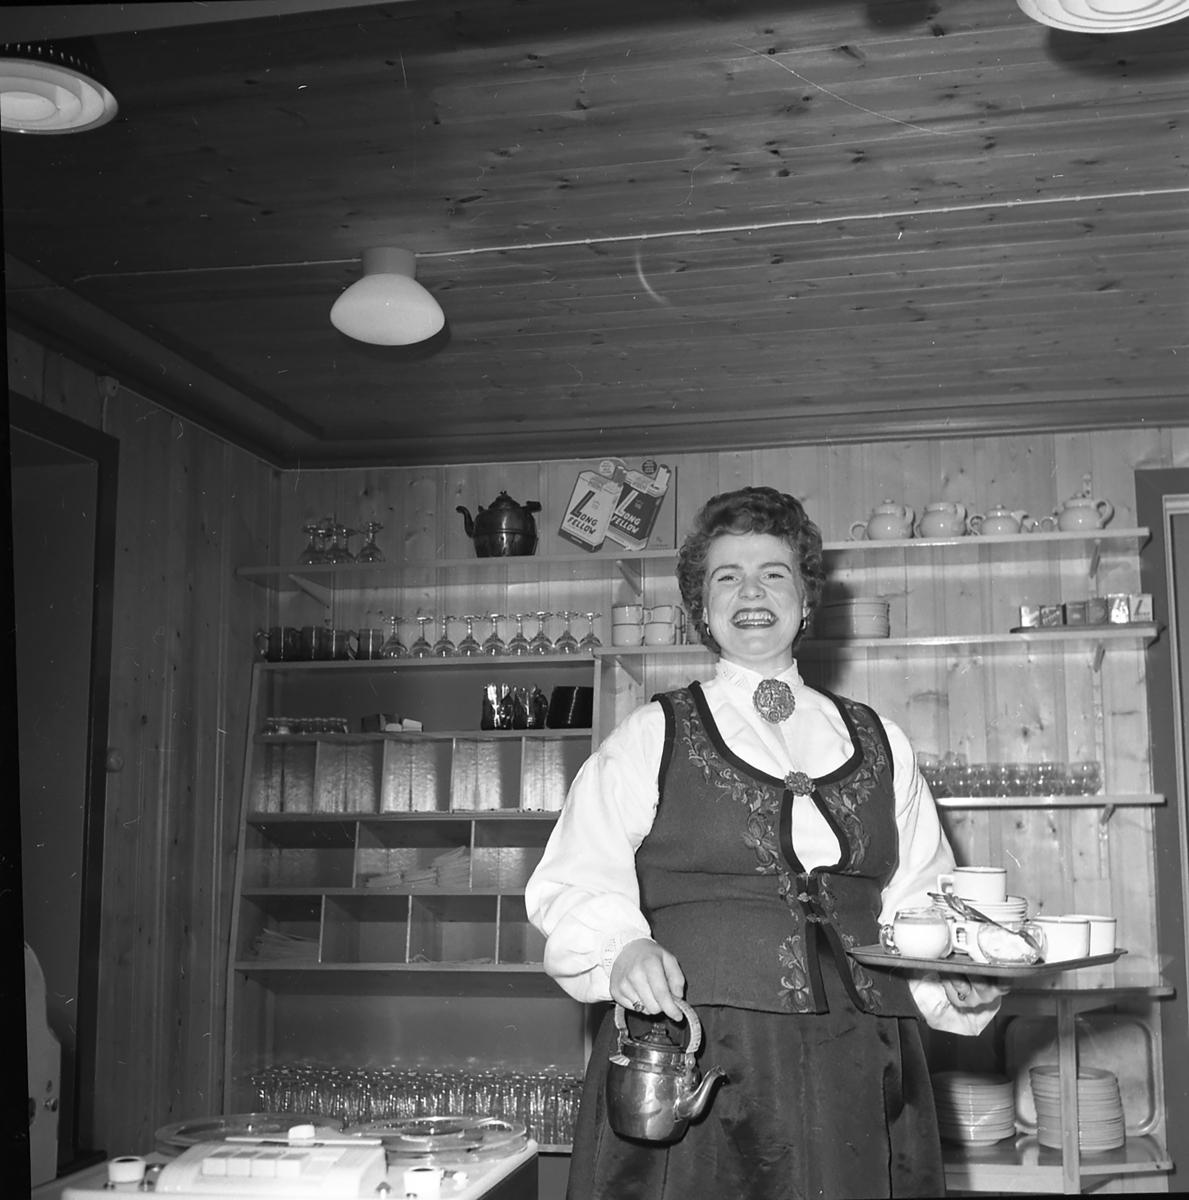 Fra Elgstua, en kvinne med kaffekopper